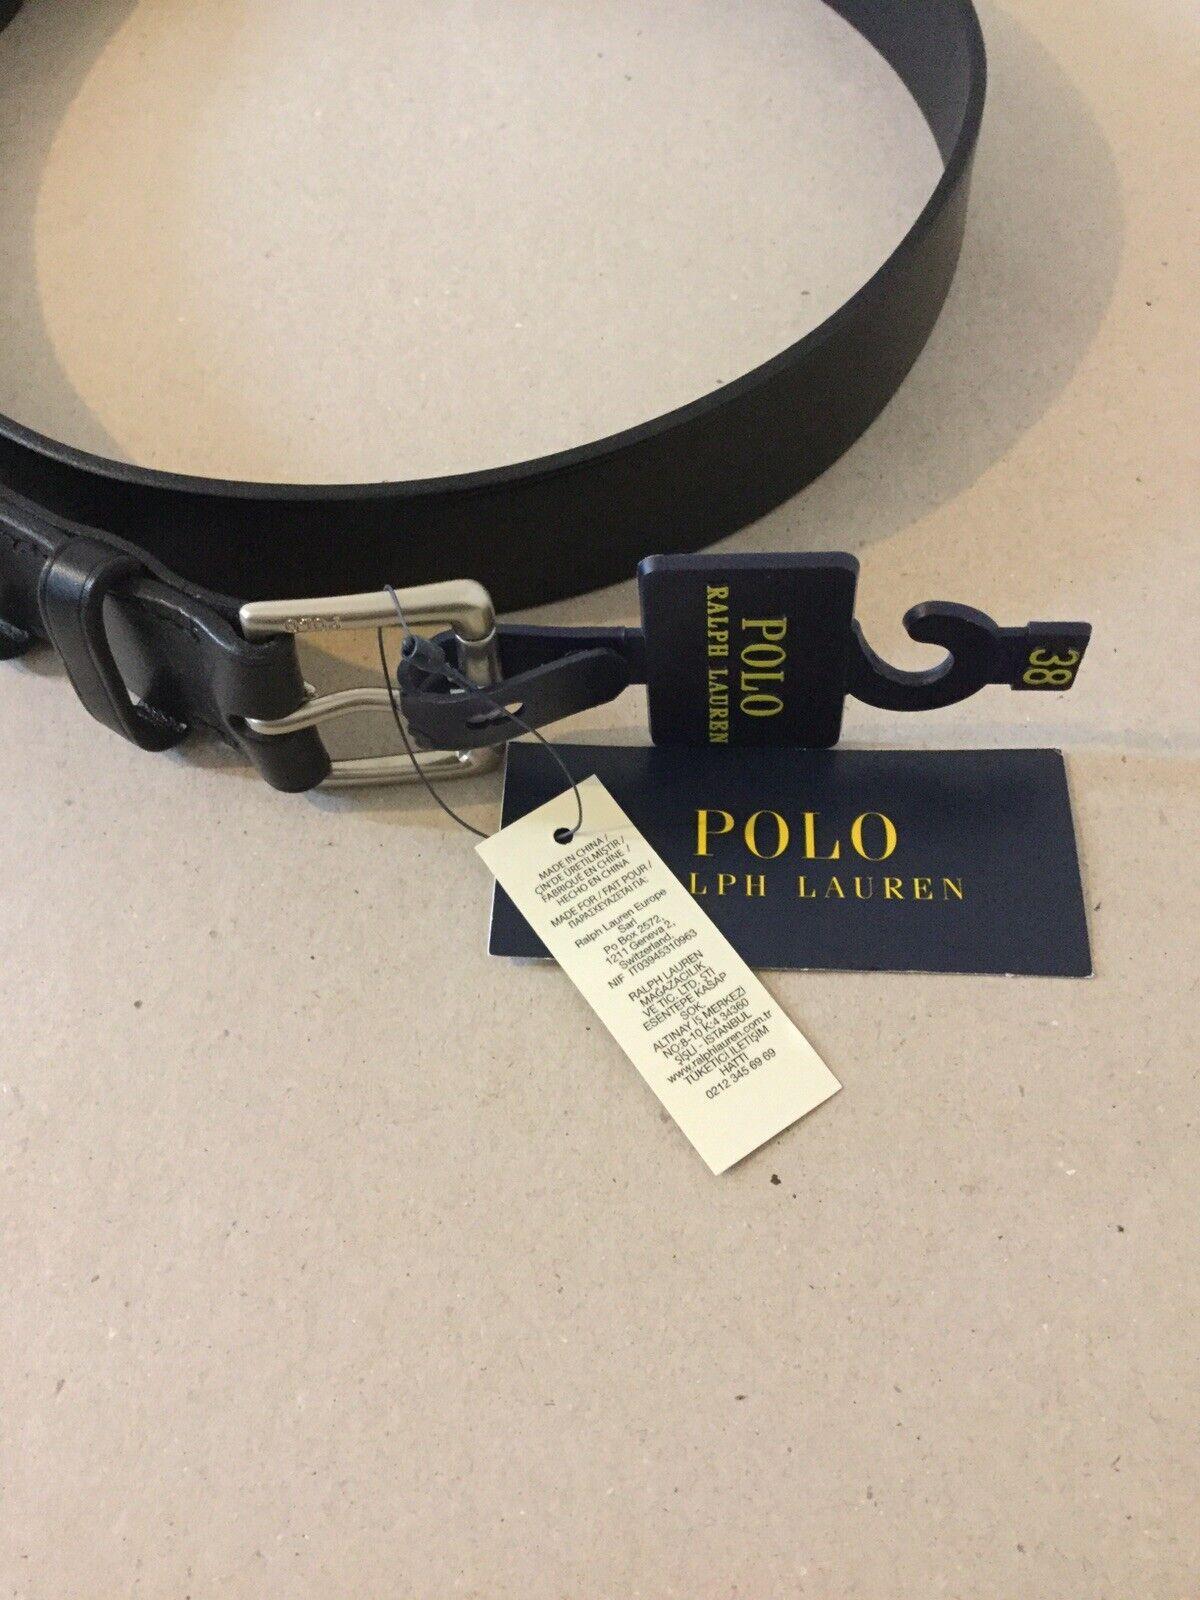 POLO Ralph Lauren Cintura Cintura Cintura in Pelle Tg 38 L UVP  7a6489